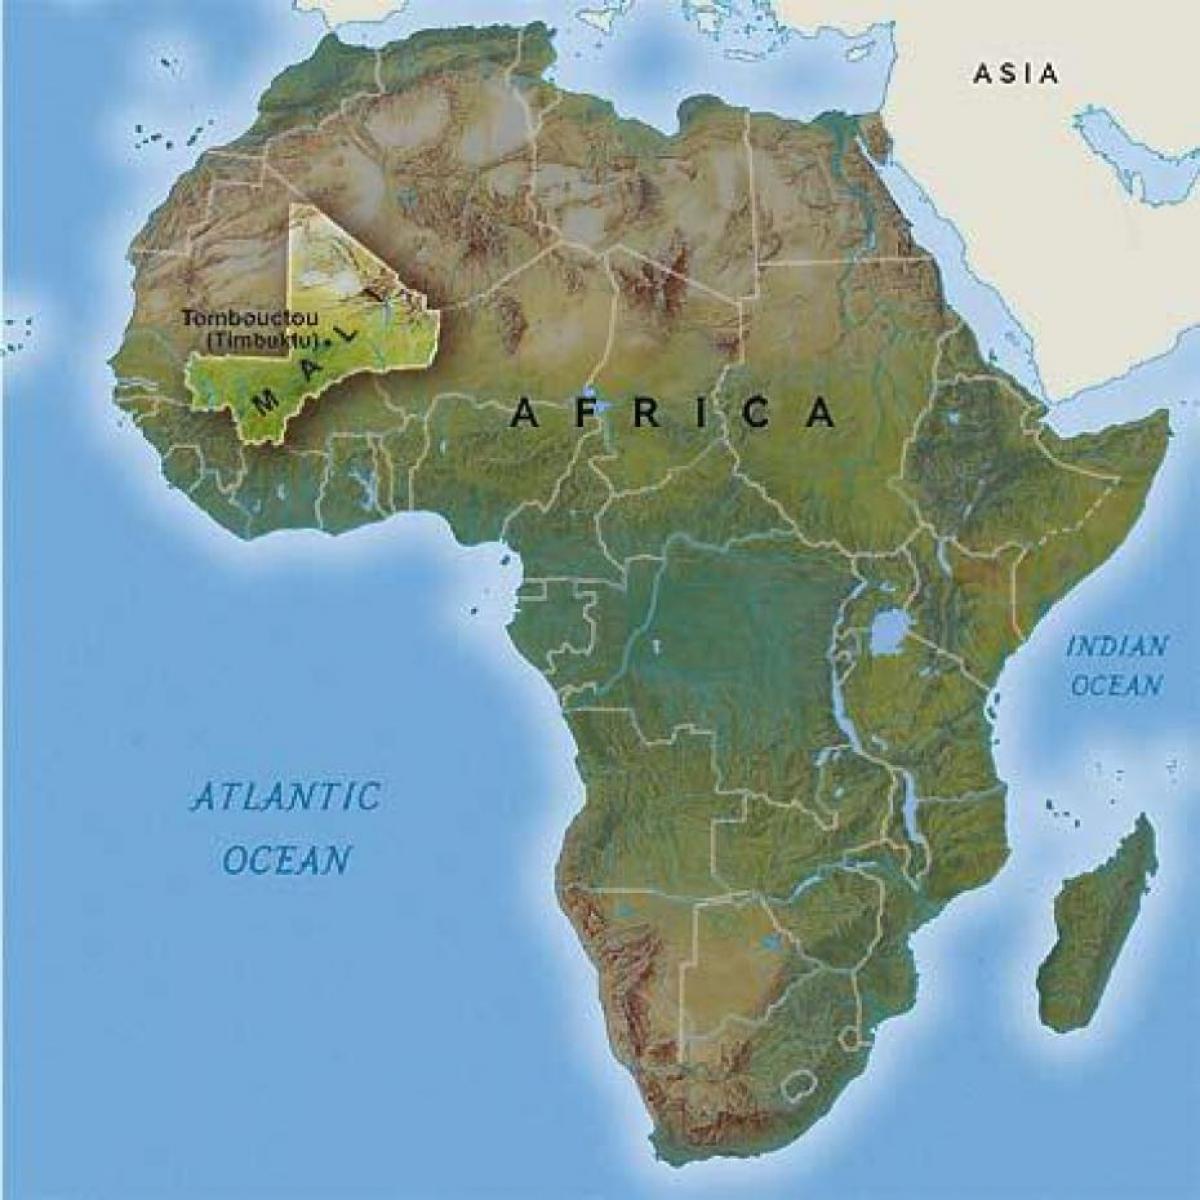 Mali africa map - Mali west africa map (Western Africa - Africa) on mali geography, mali flag, mali political, mali on a map, mali europe map, mali's map, burkina faso, mali map area, sierra leone, mali movement, bamako mali map, mali economic, mali gold, mali resource map, rwanda map, mali food, zimbabwe map, mali ebola, mali france map, mali currency, mali continent map, mali map in color,